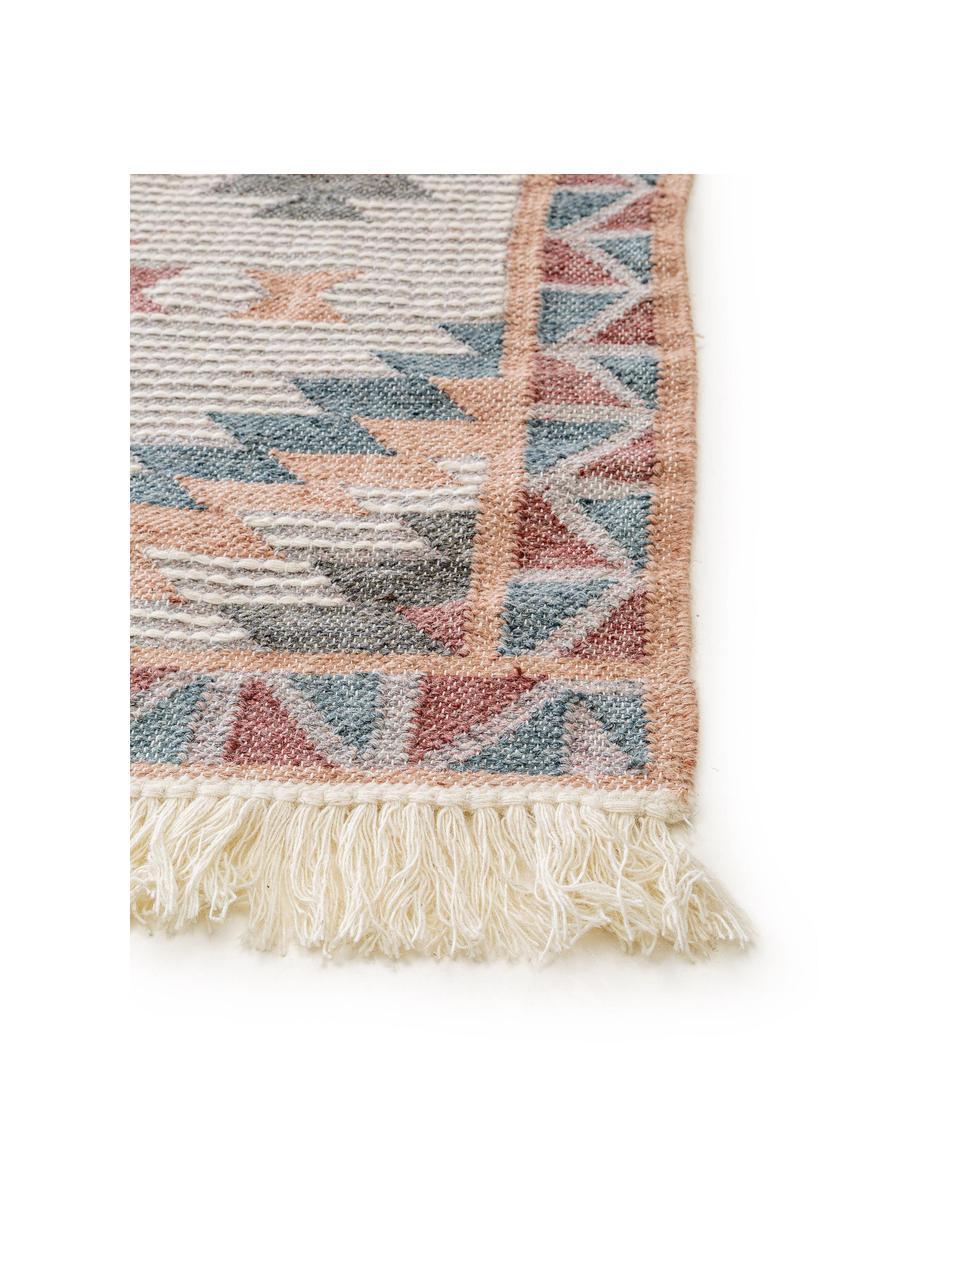 Ręcznie tkany dywan kilim z frędzlami Cari, 70% wełna, 30% poliester, Wielobarwny, S 200 x D 300 cm (Rozmiar L)